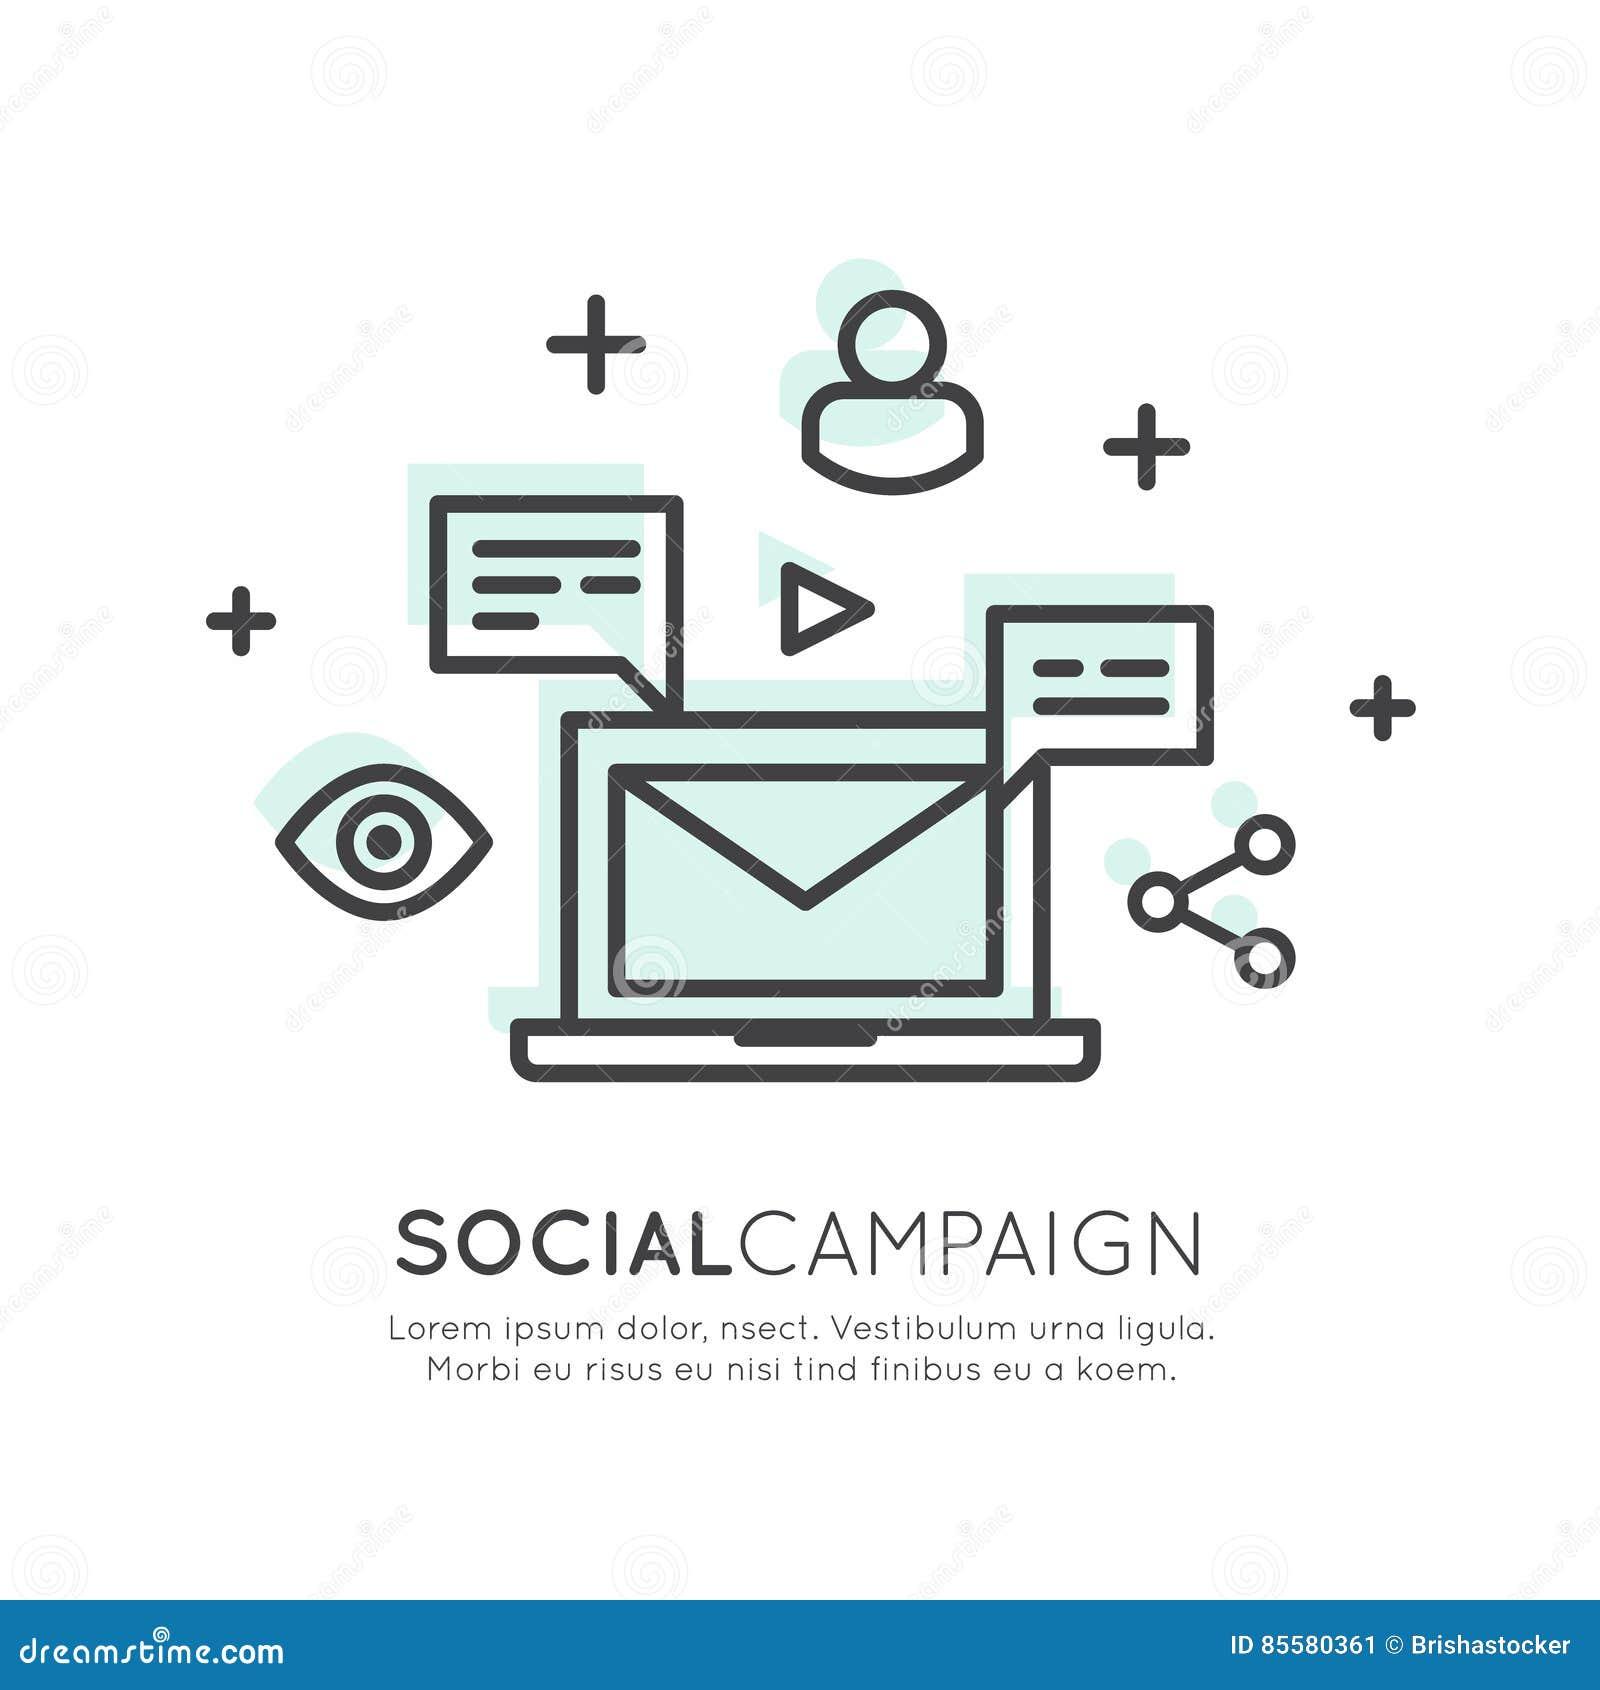 Ηλεκτρονικό ταχυδρομείο Διαδικτύου ή κινητό μάρκετινγκ ανακοινώσεων και προσφοράς και κοινωνική εκστρατεία